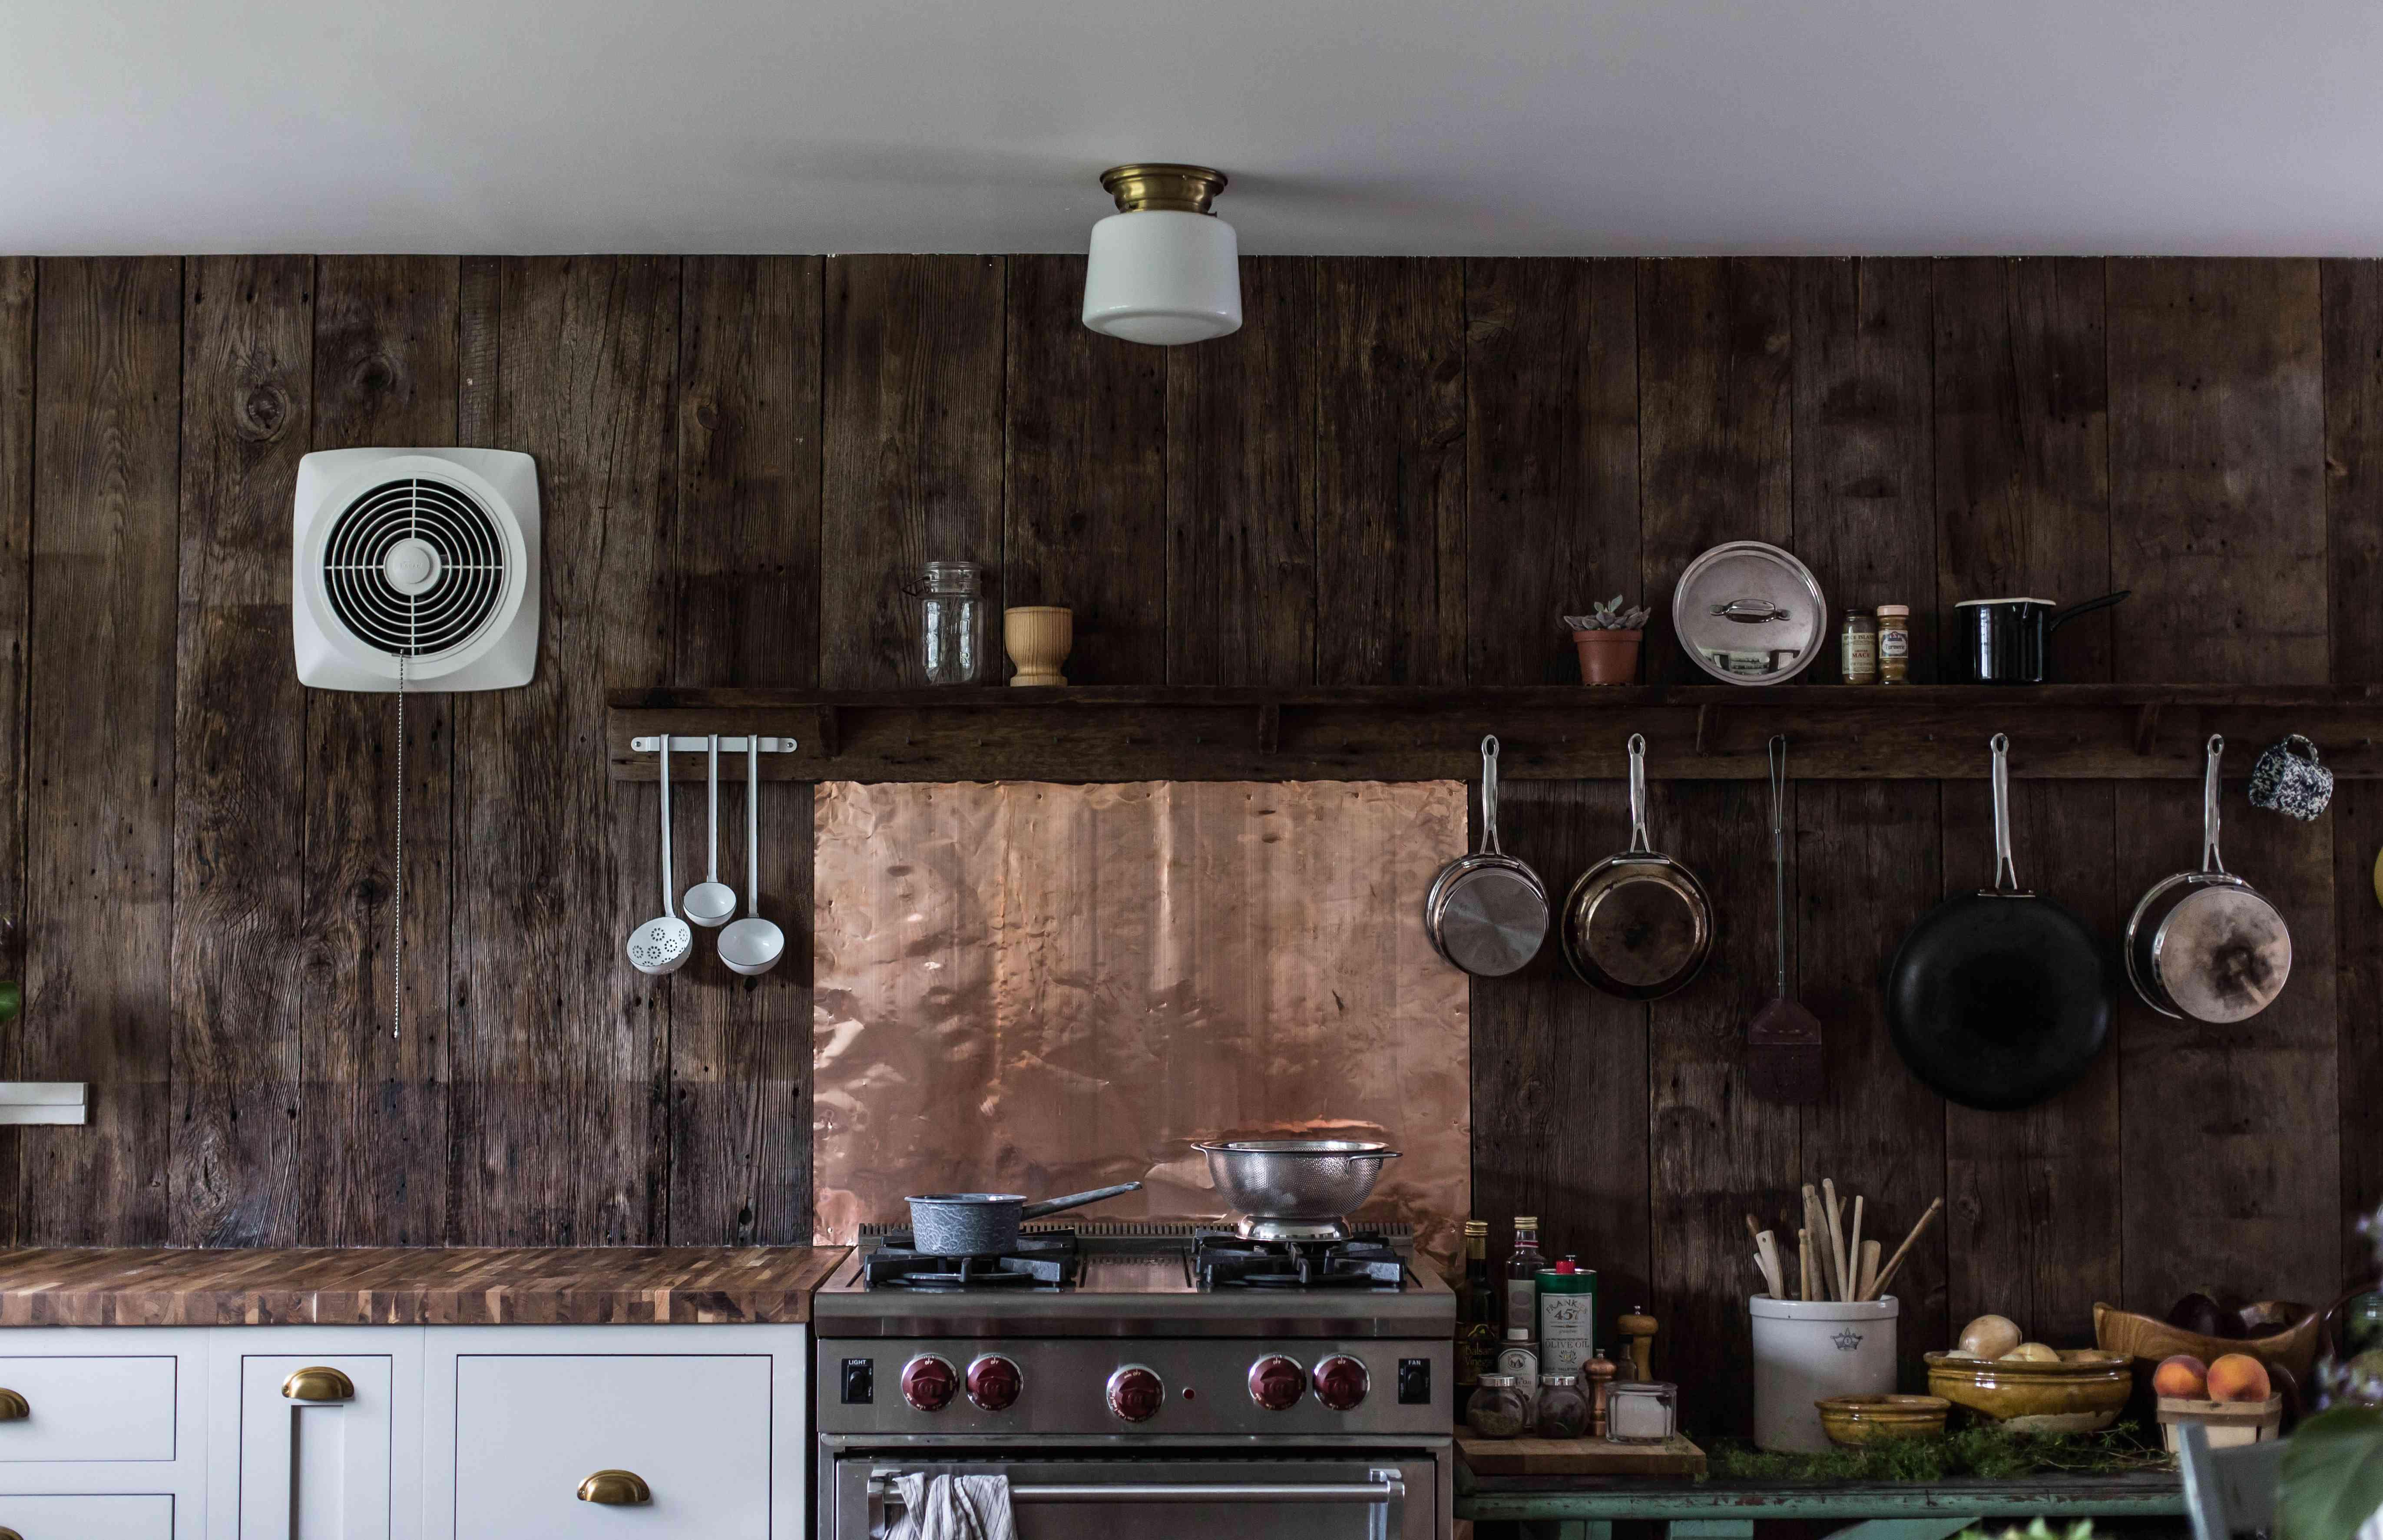 Copper backsplash in a rustic kitchen.